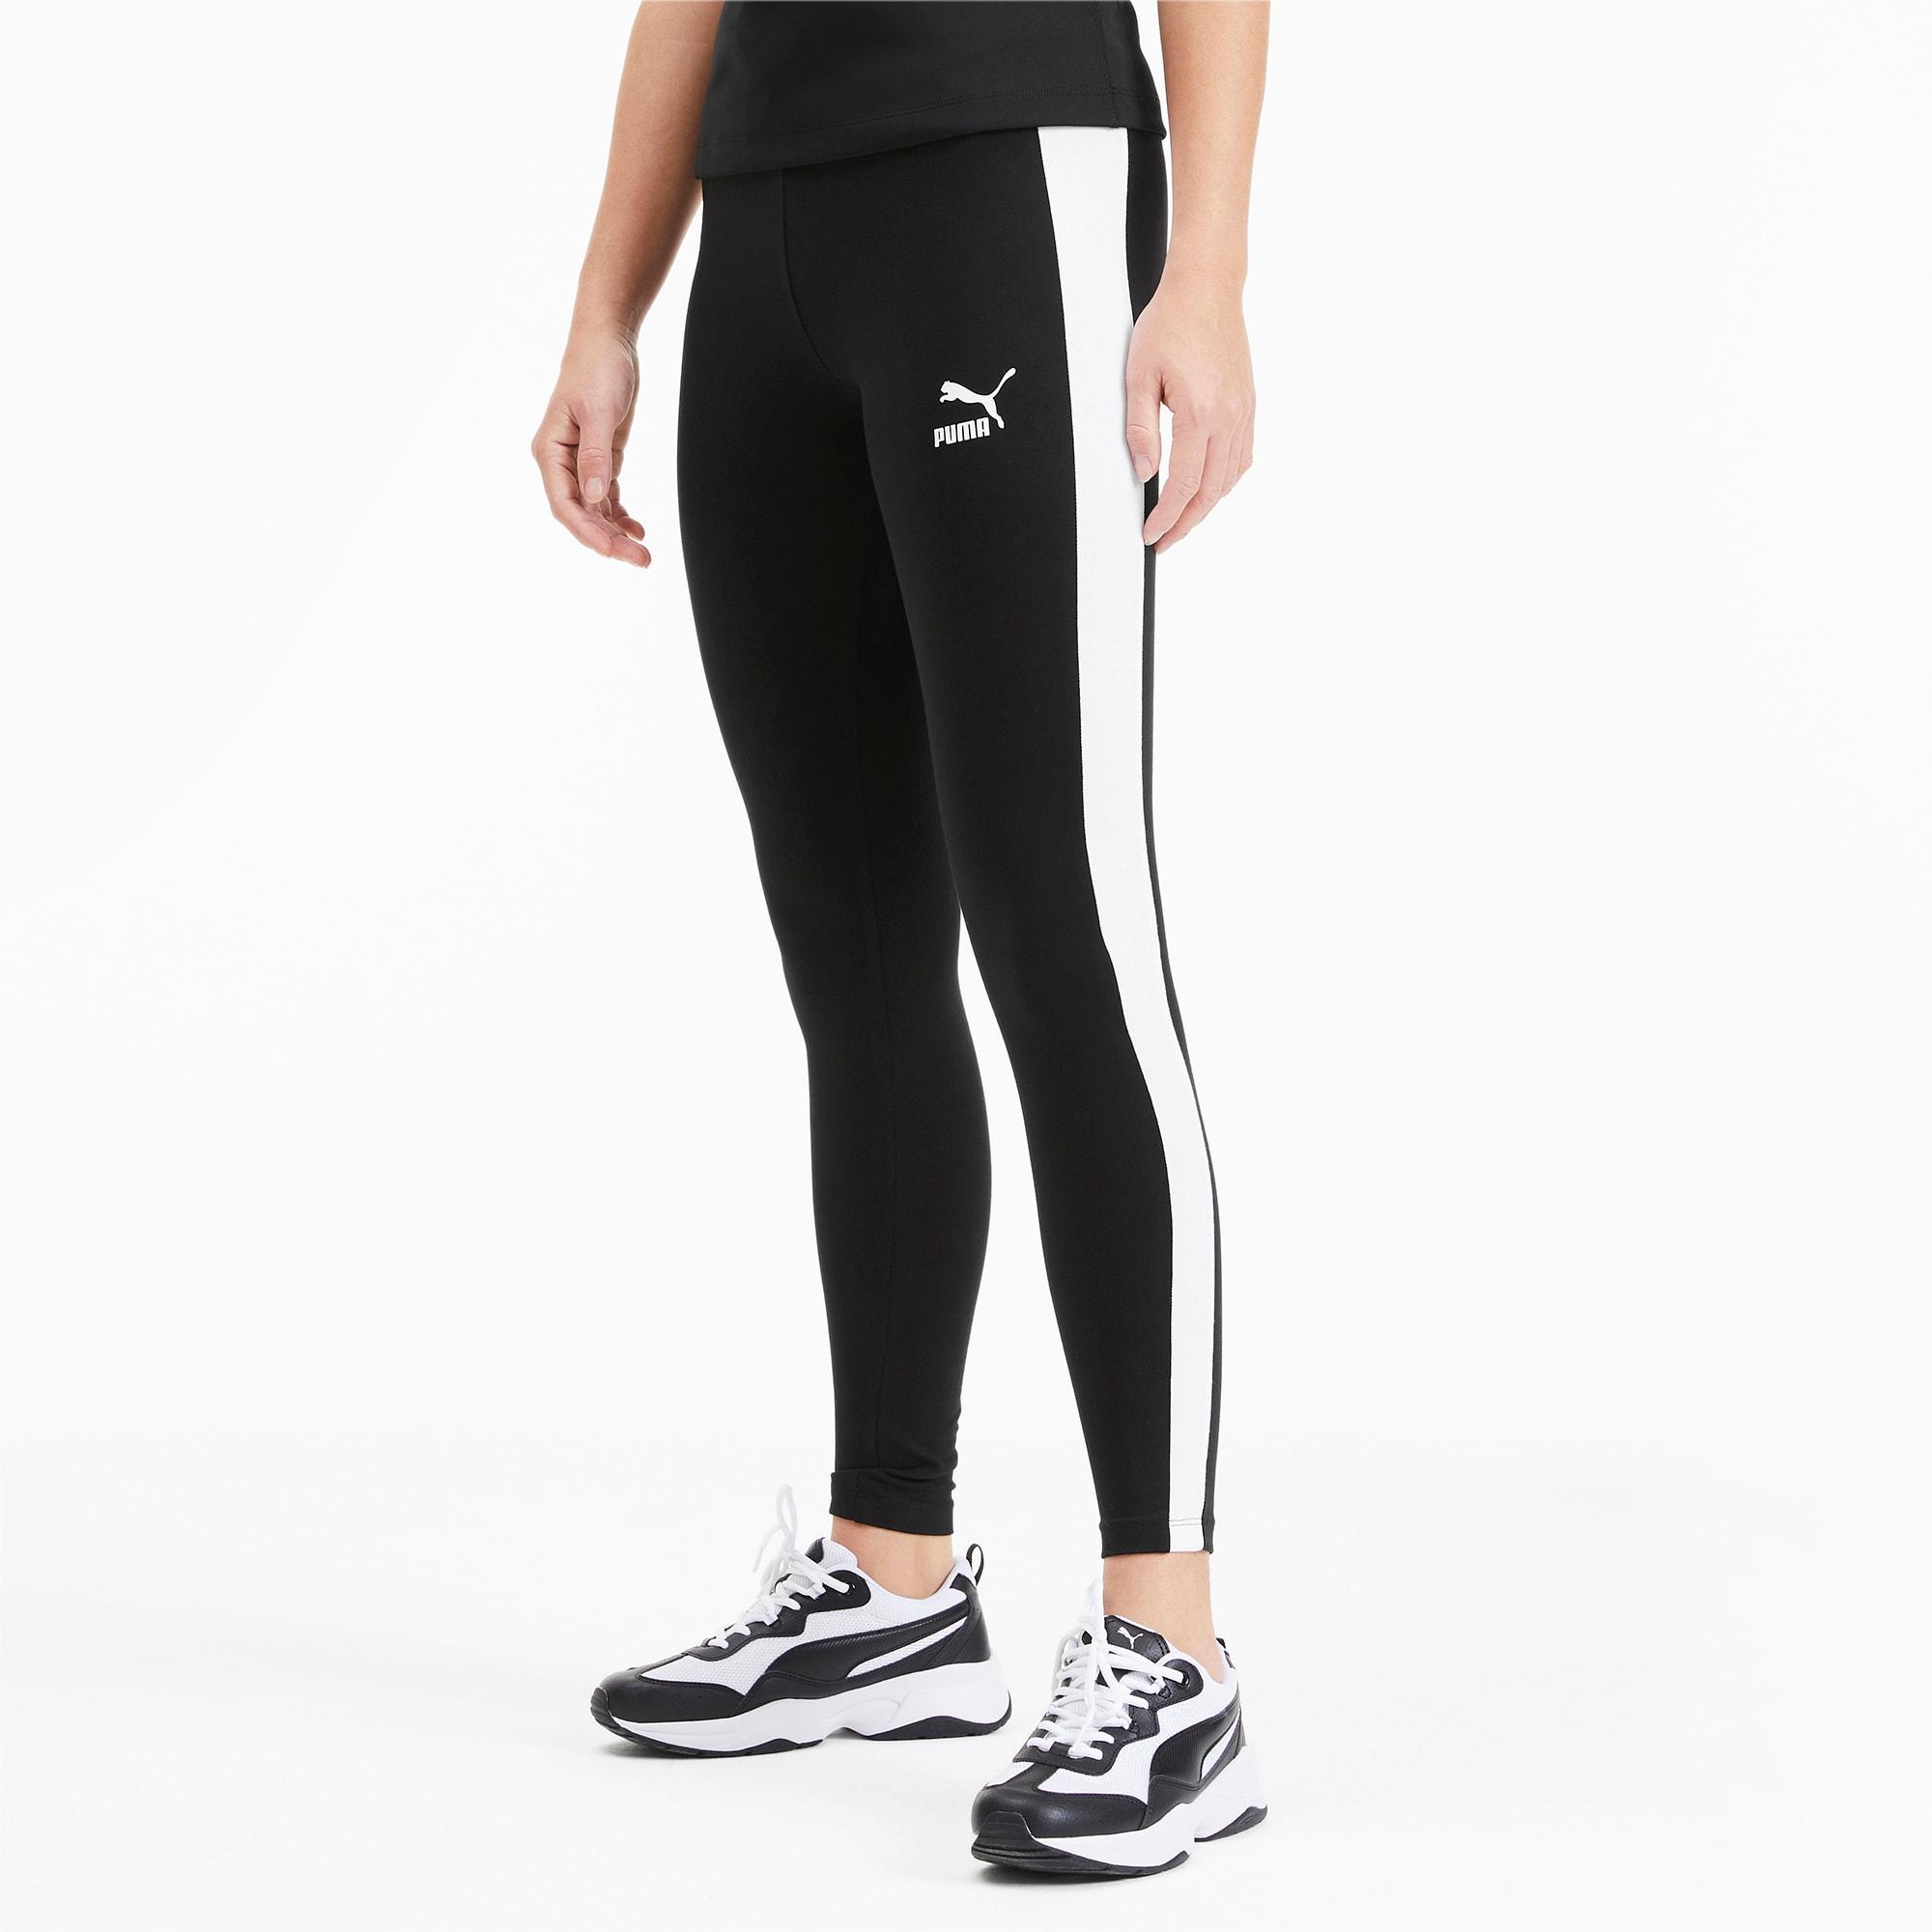 PUMA Classics Logo T7 Legging Für Damen | Mit Aucun | Schwarz | Größe: S